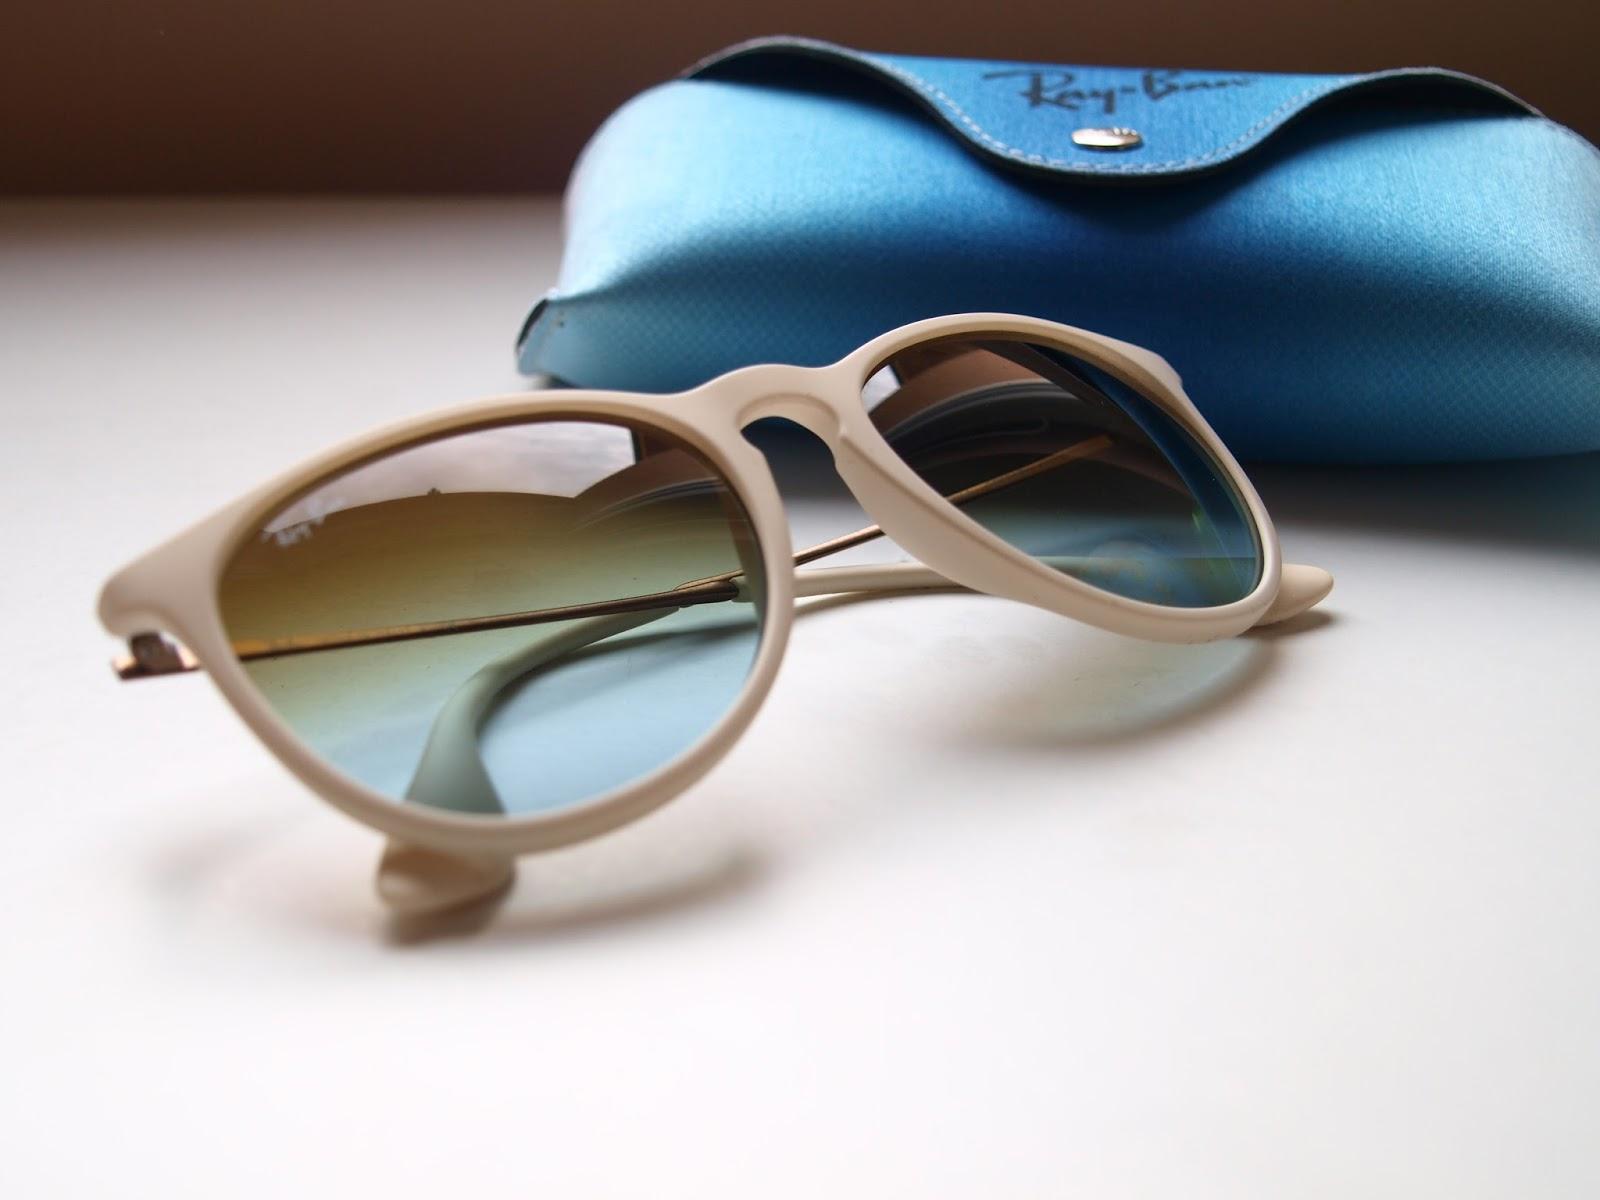 ray ban brille wutscher